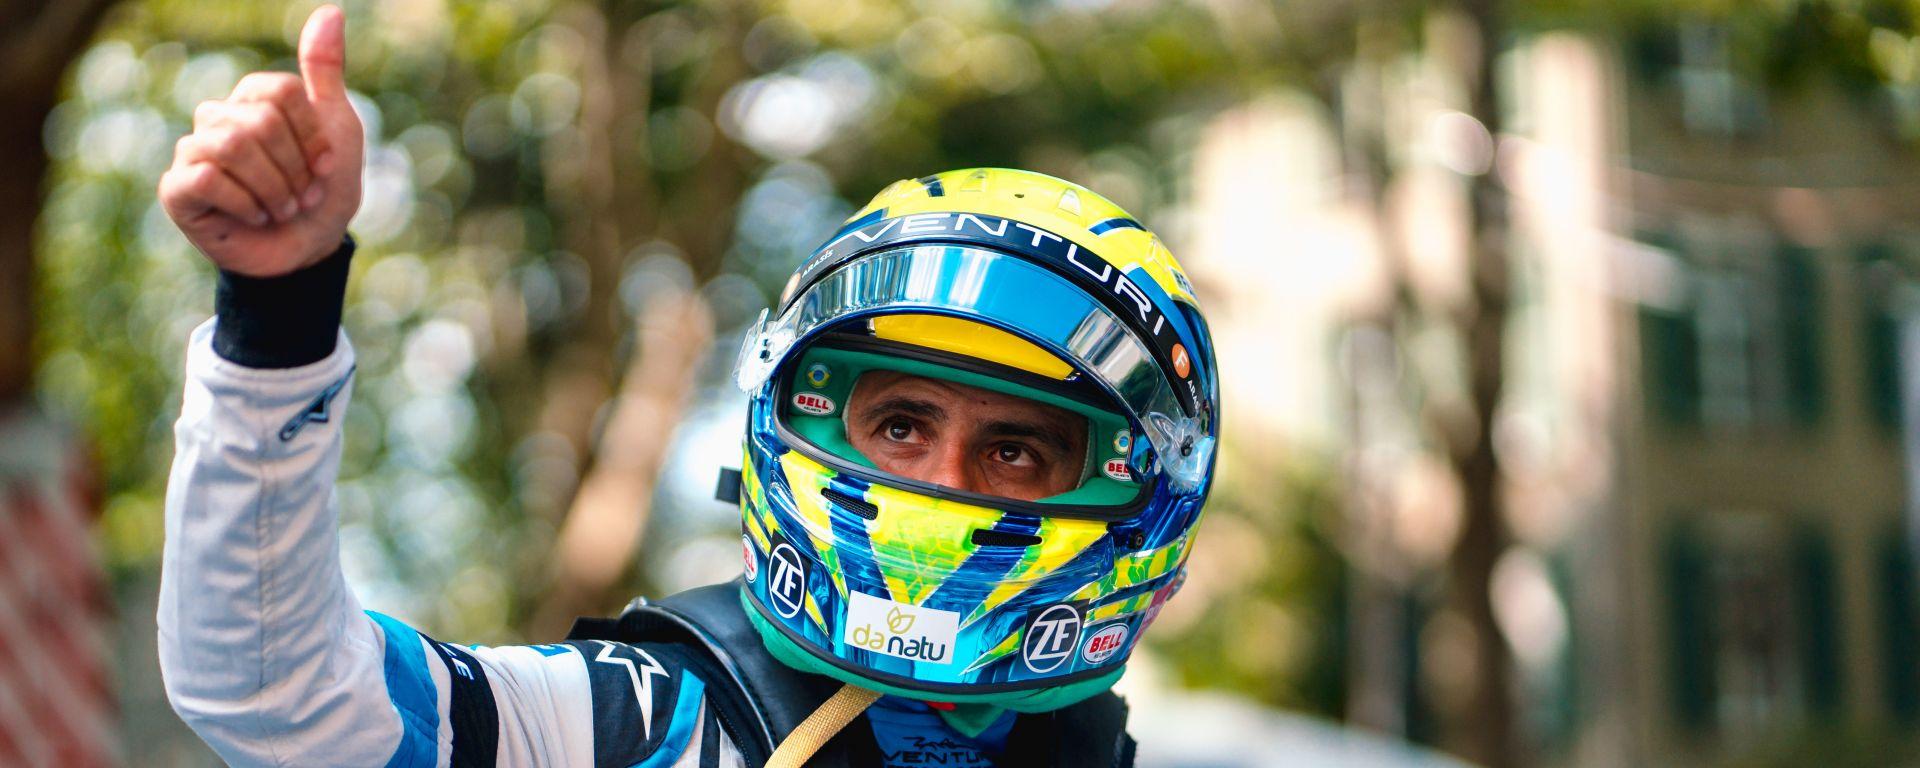 ePrix Svizzera 2019, Felipe Massa saluta il pubblico